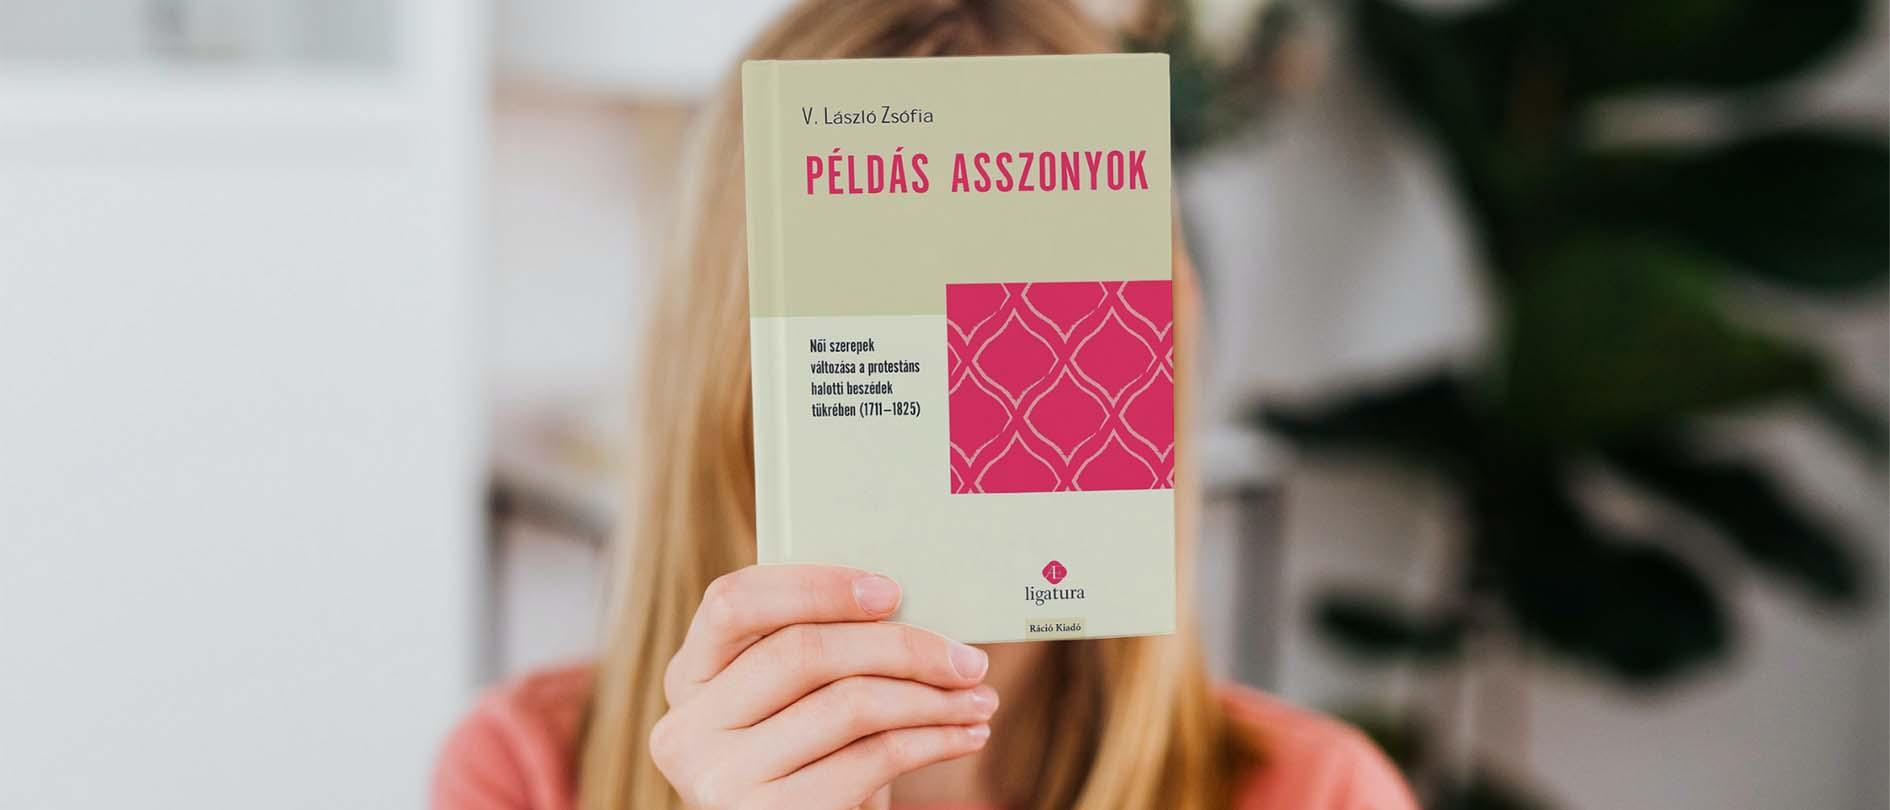 Példás asszonyok_könyv_borító_kész